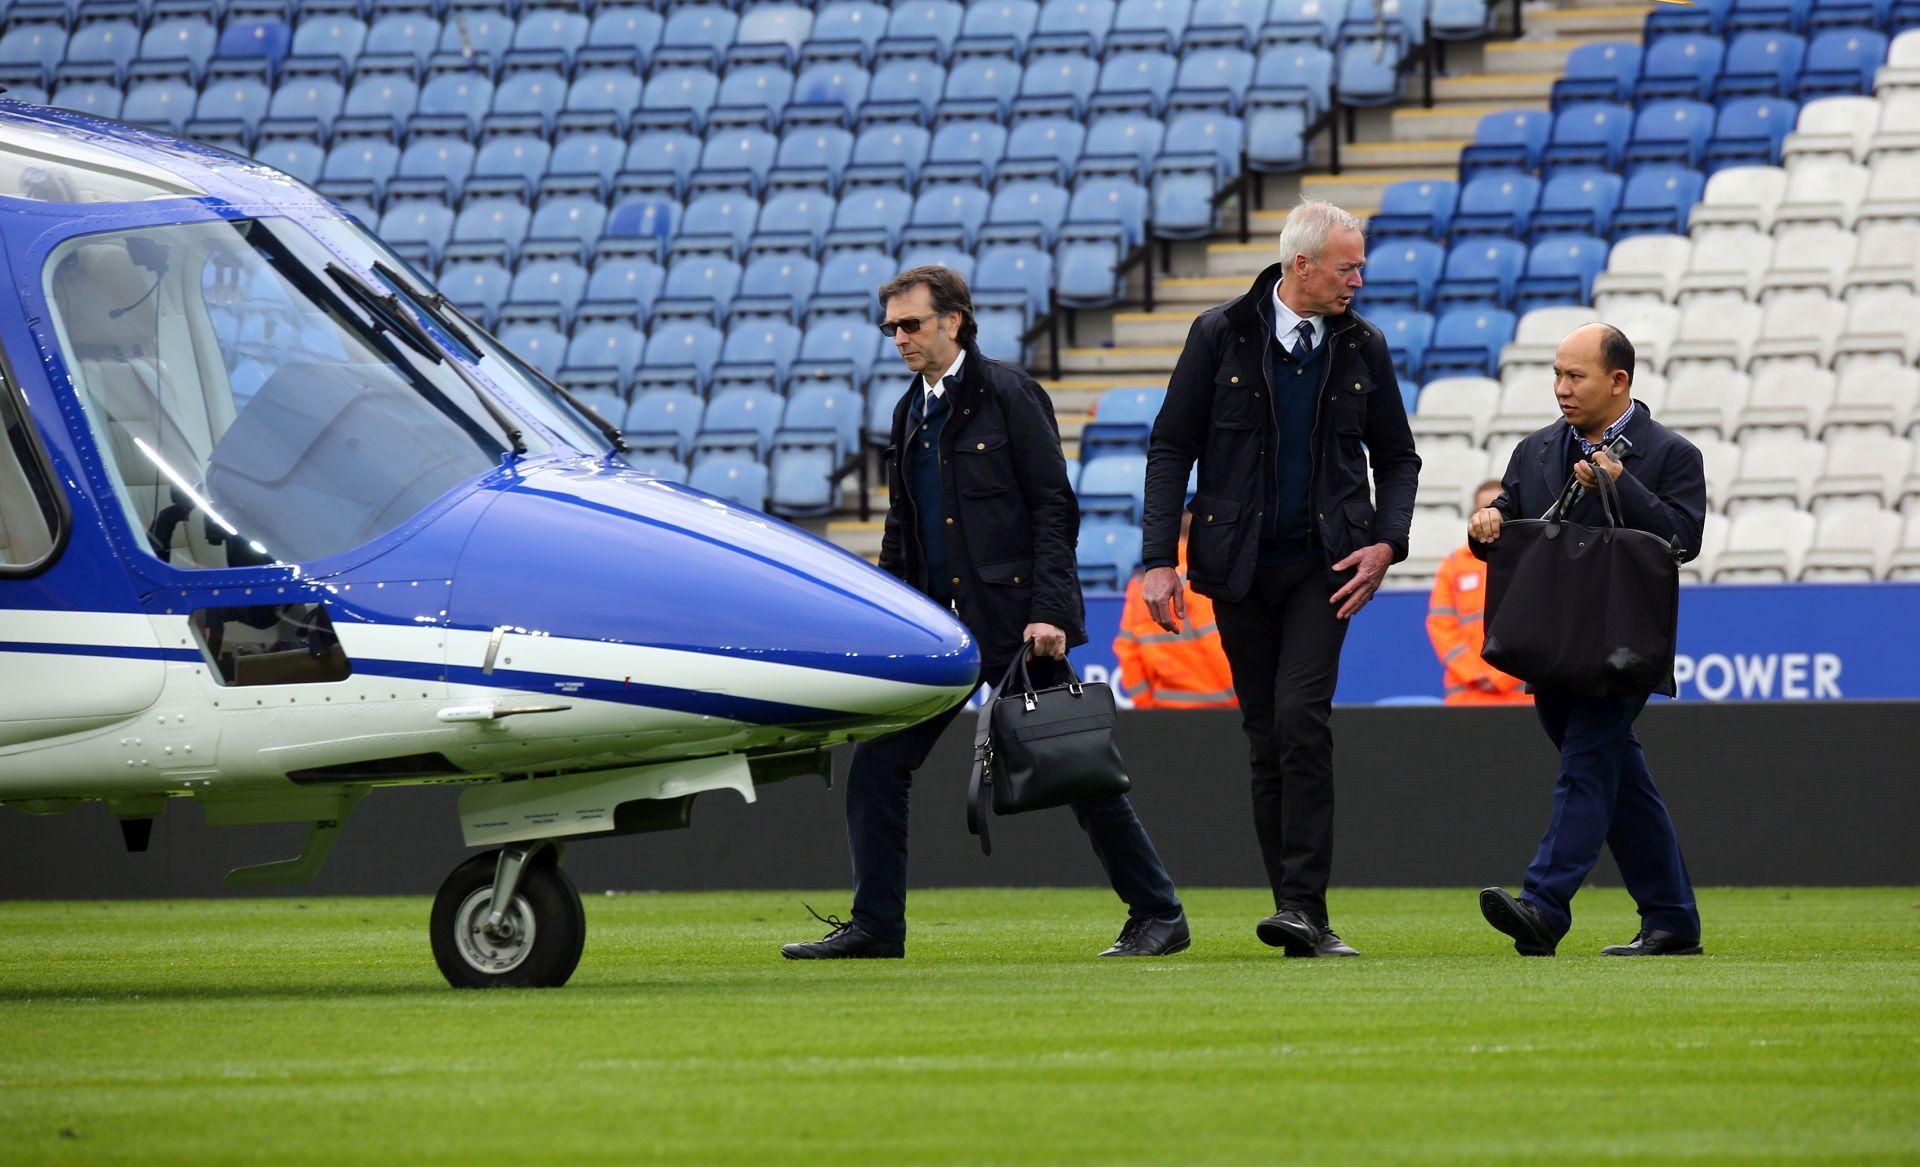 Pojavila se nova snimka tragične nesreće vlasnika Leicestera